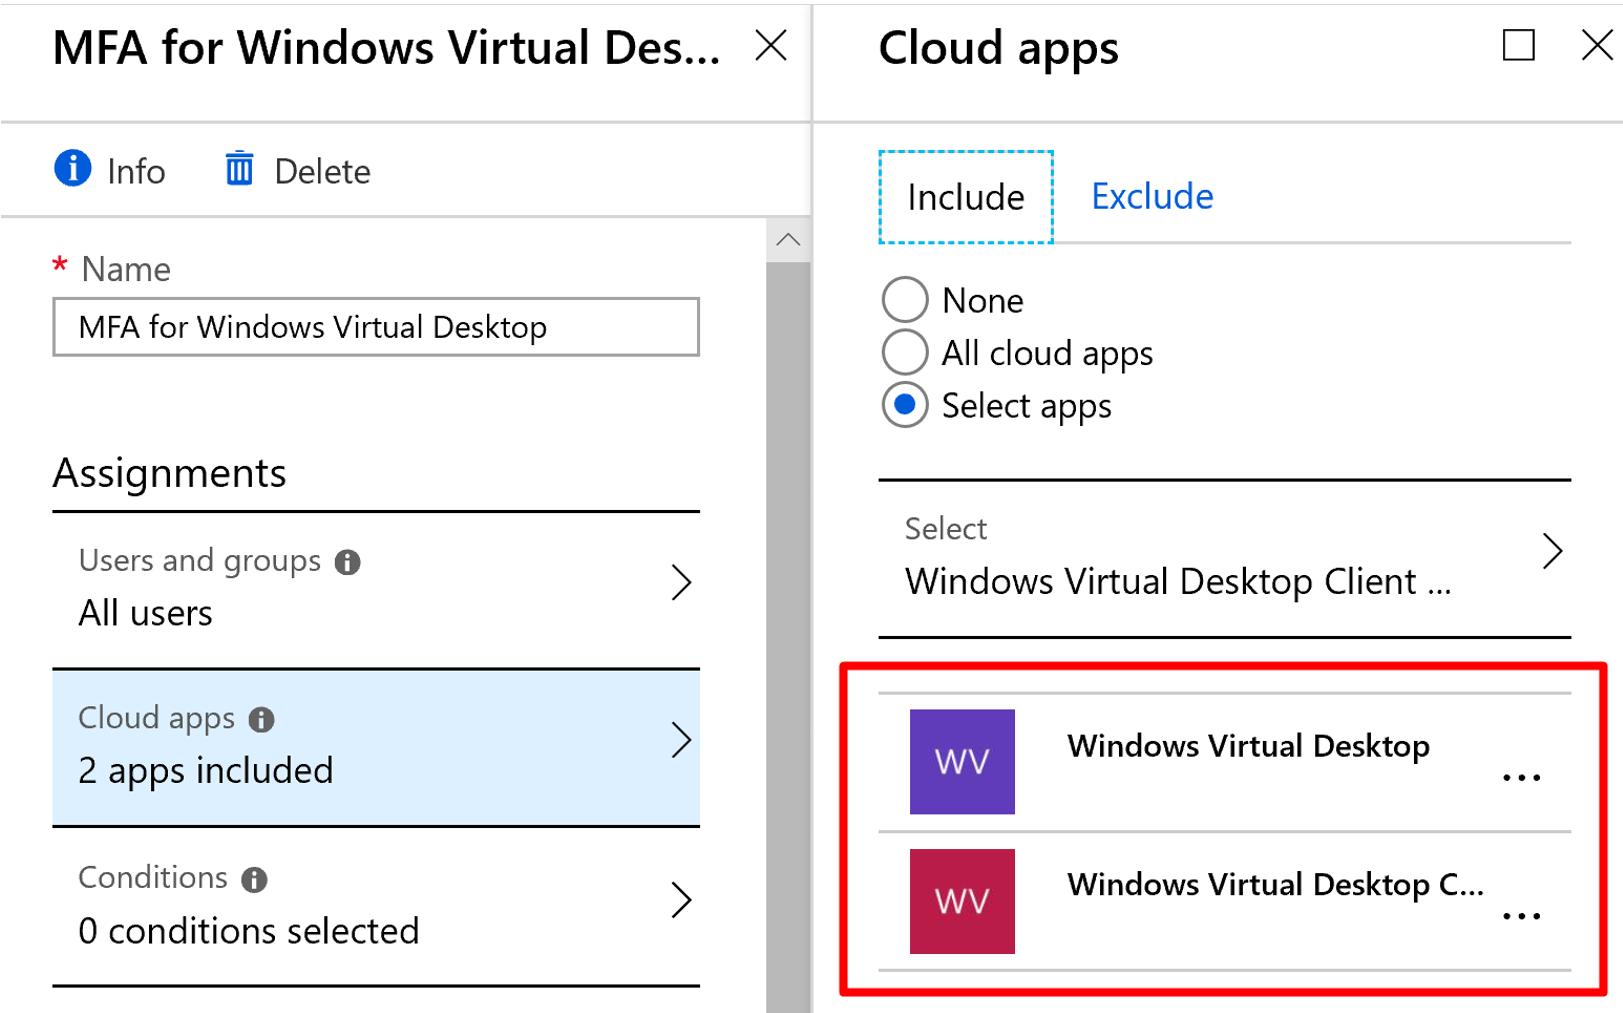 Windows Virtual Desktop with MFA App Selection Screen.